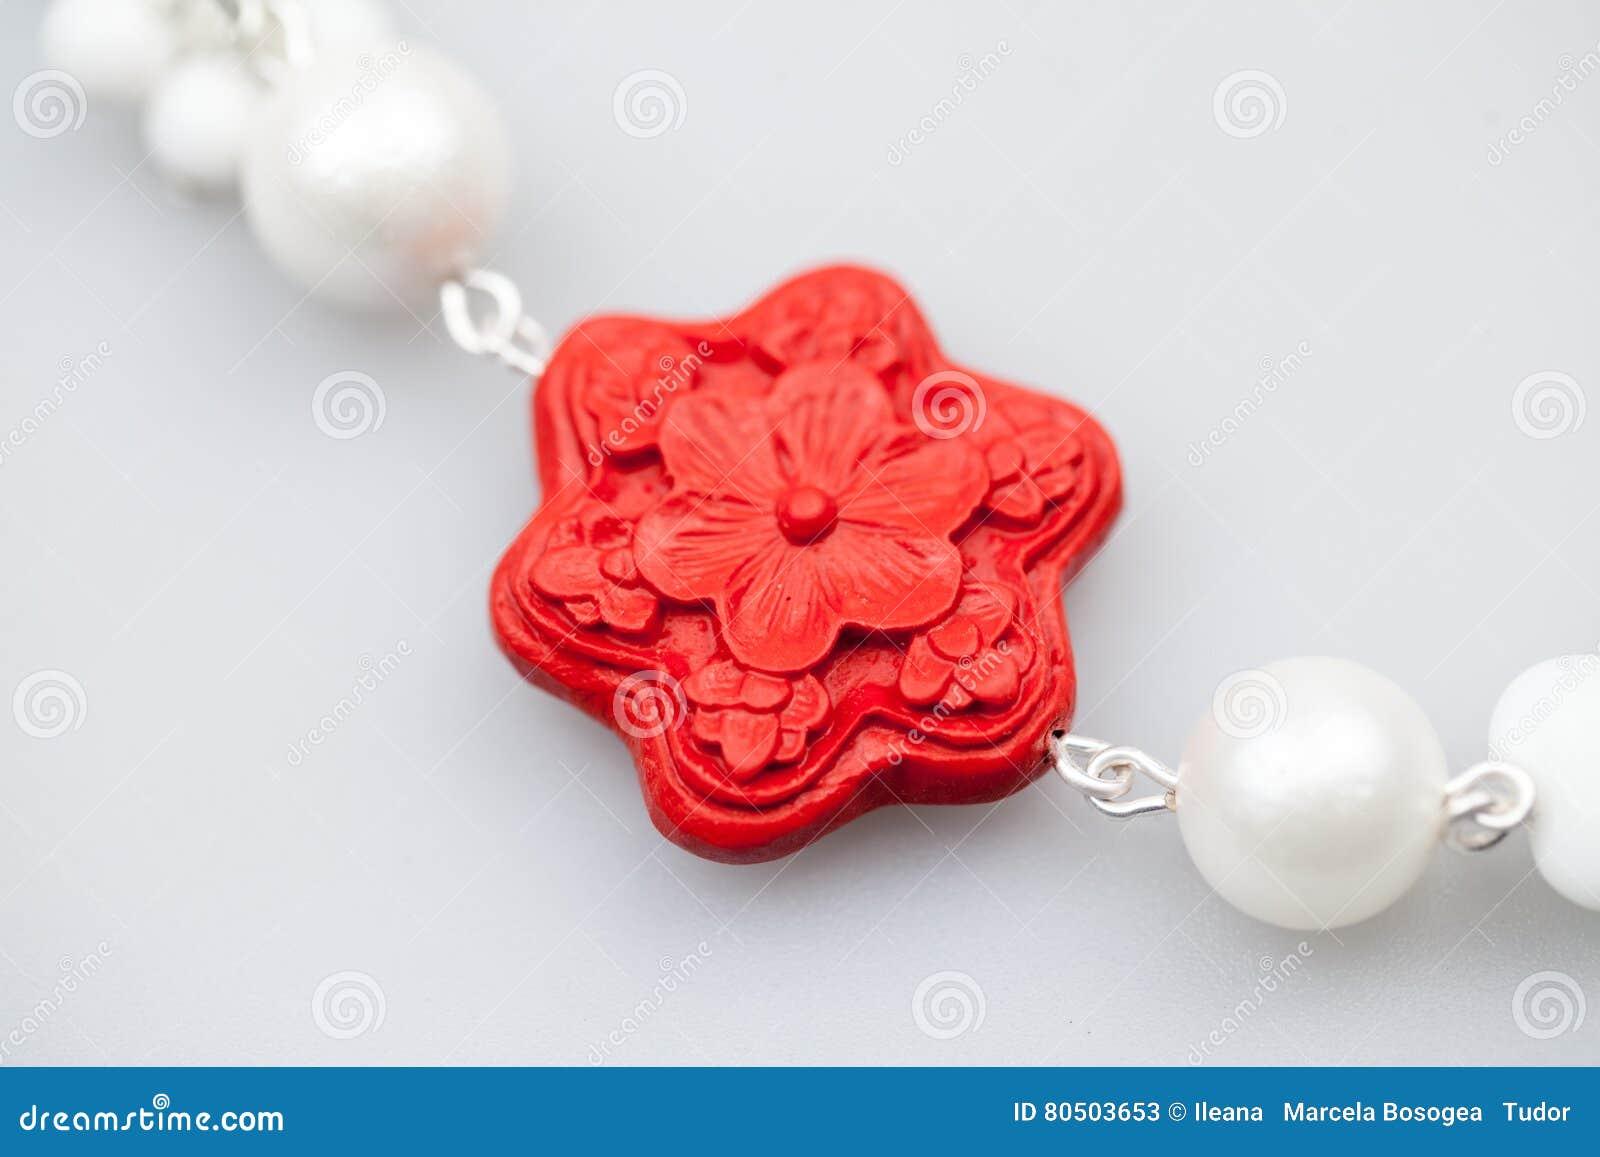 Ασημένια κοσμήματα με τους ζωηρόχρωμους πολύτιμους λίθους